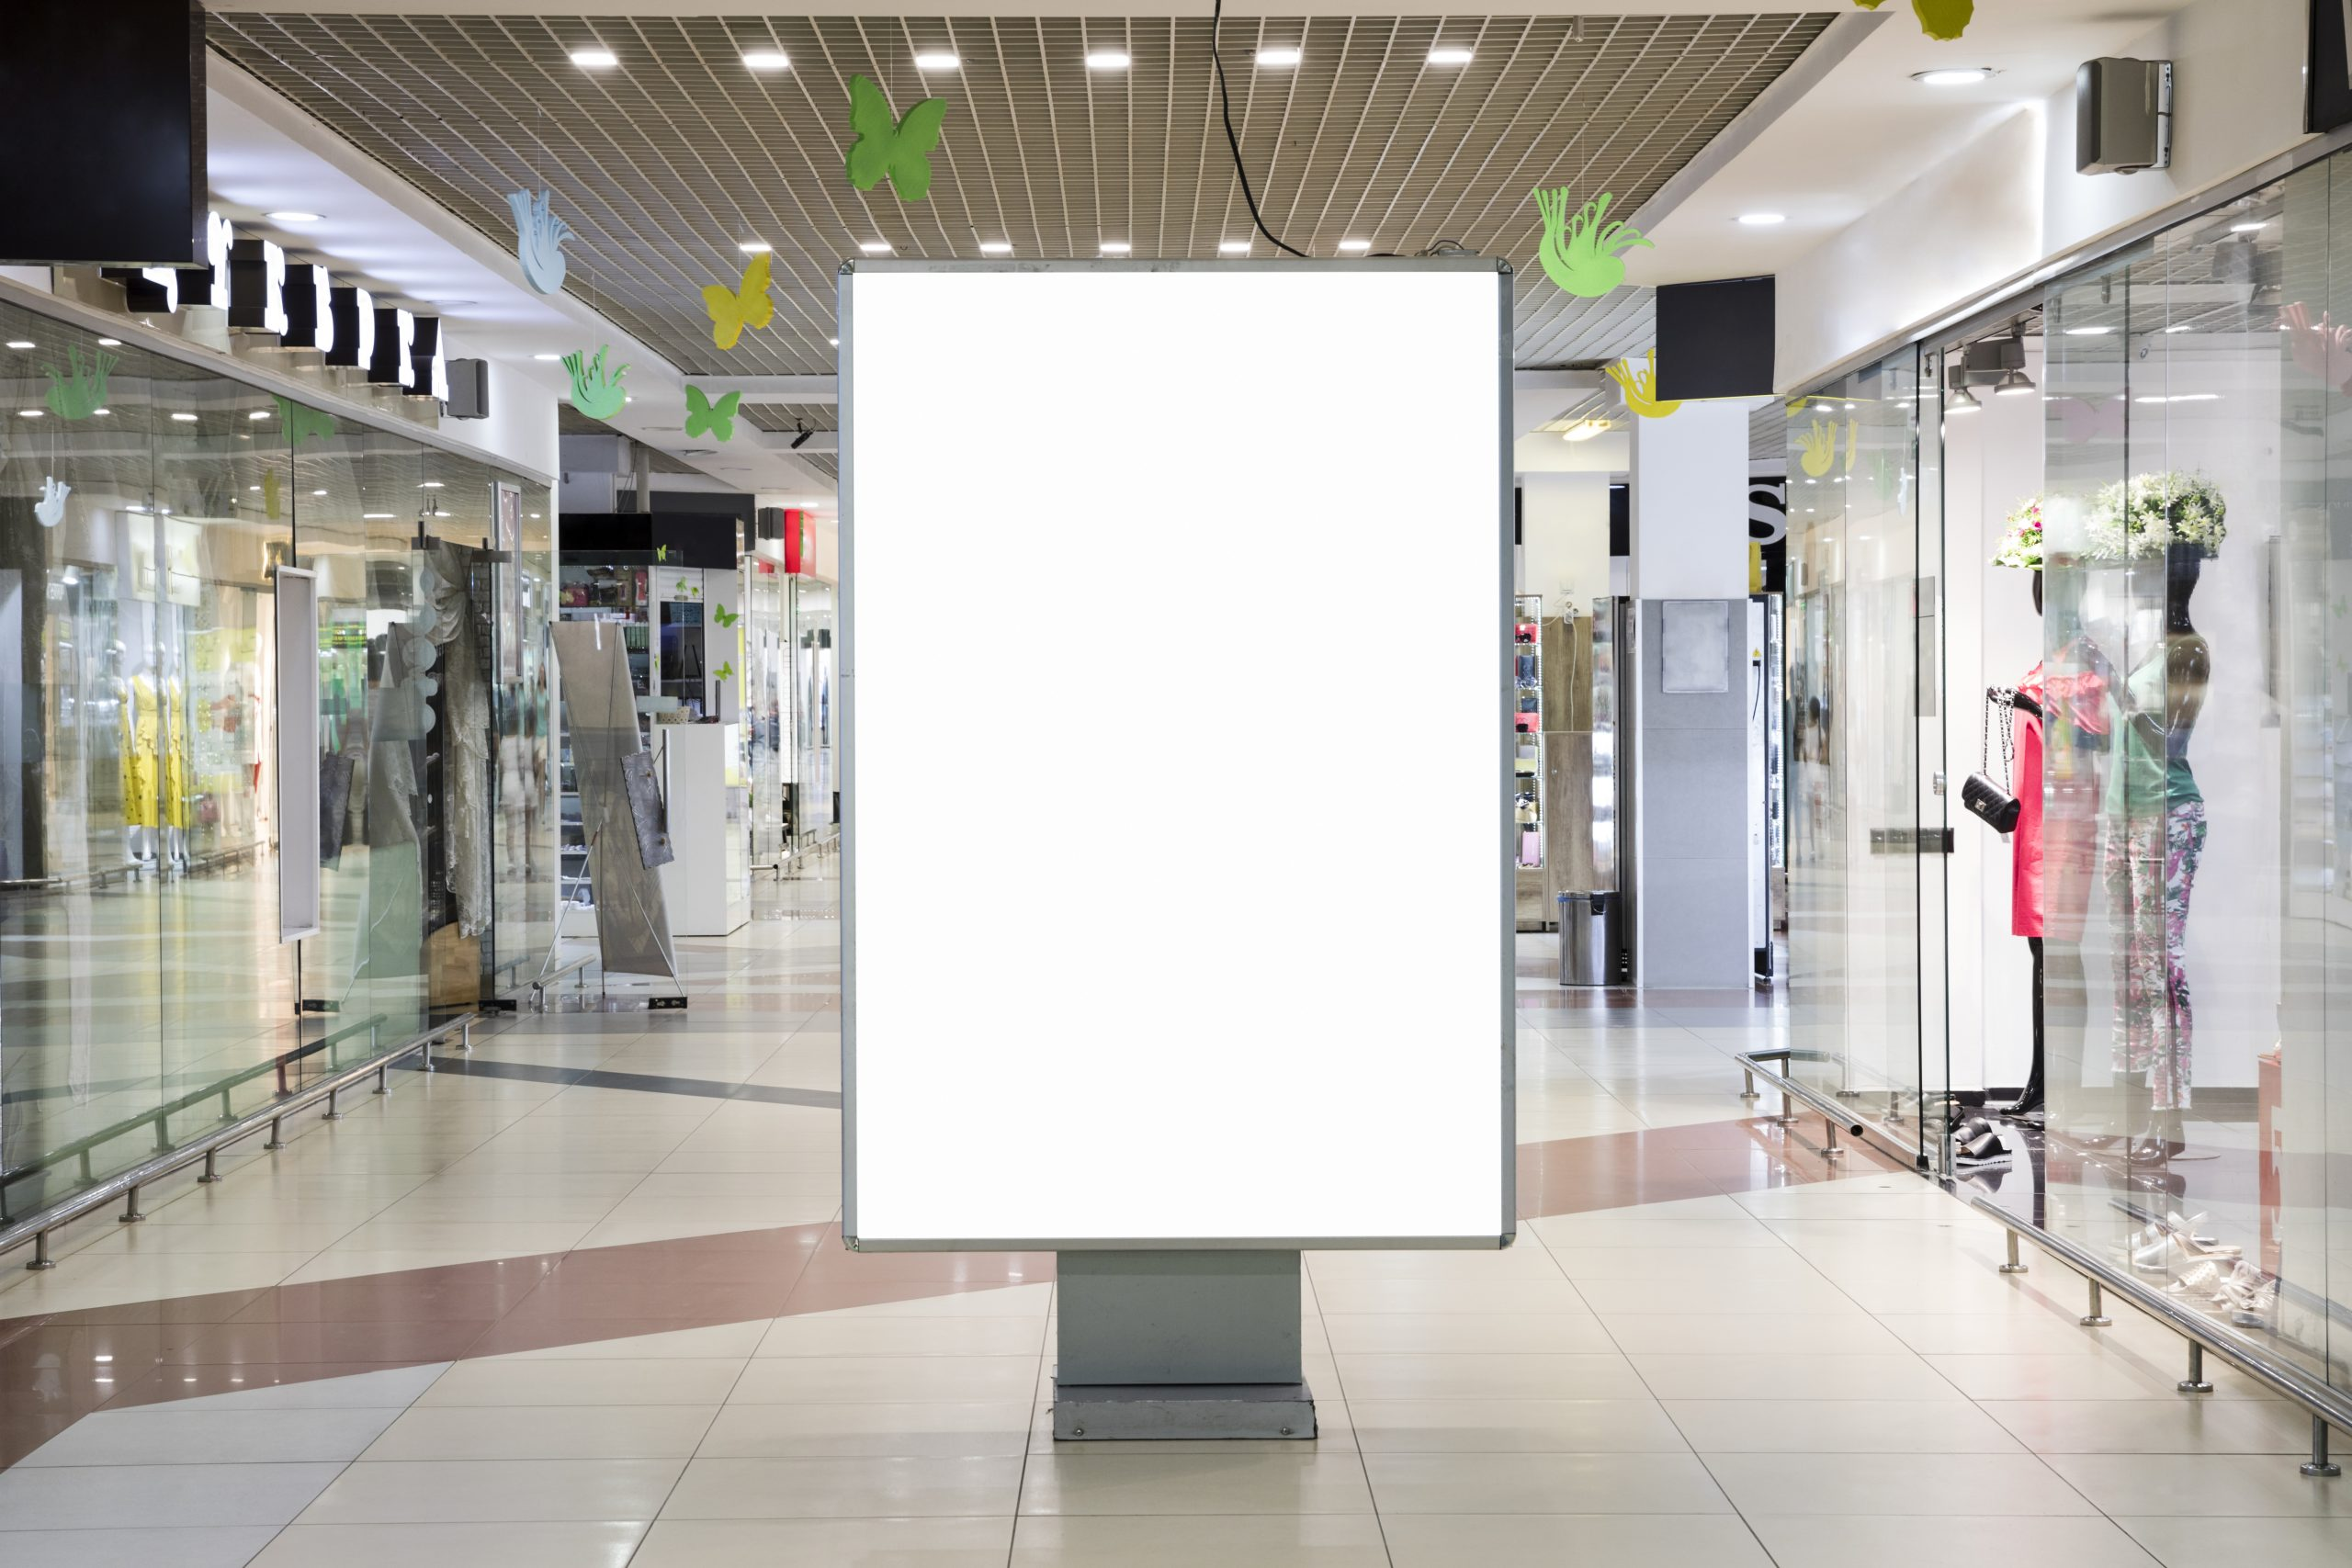 blank-advertising-sign-mockup-inside-shopping-center